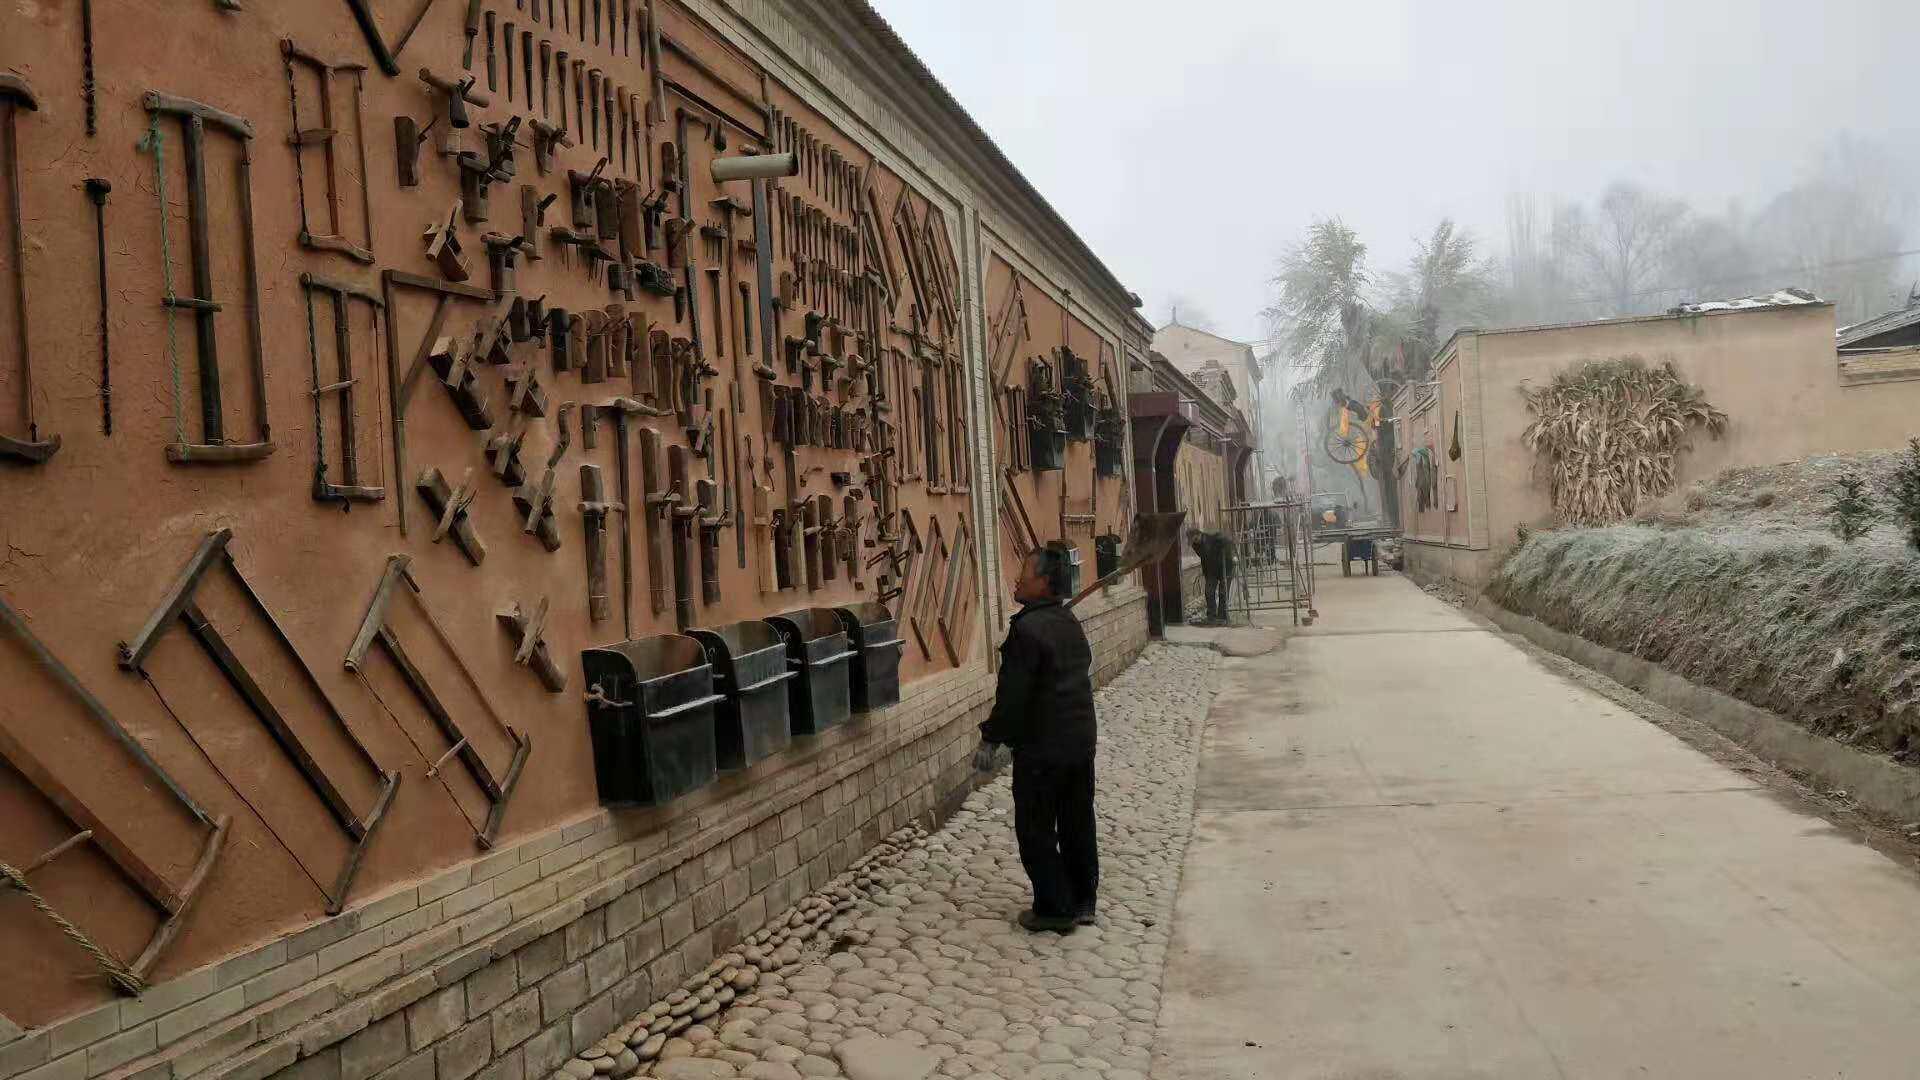 临洮——黄河古文化的重要发祥地之一